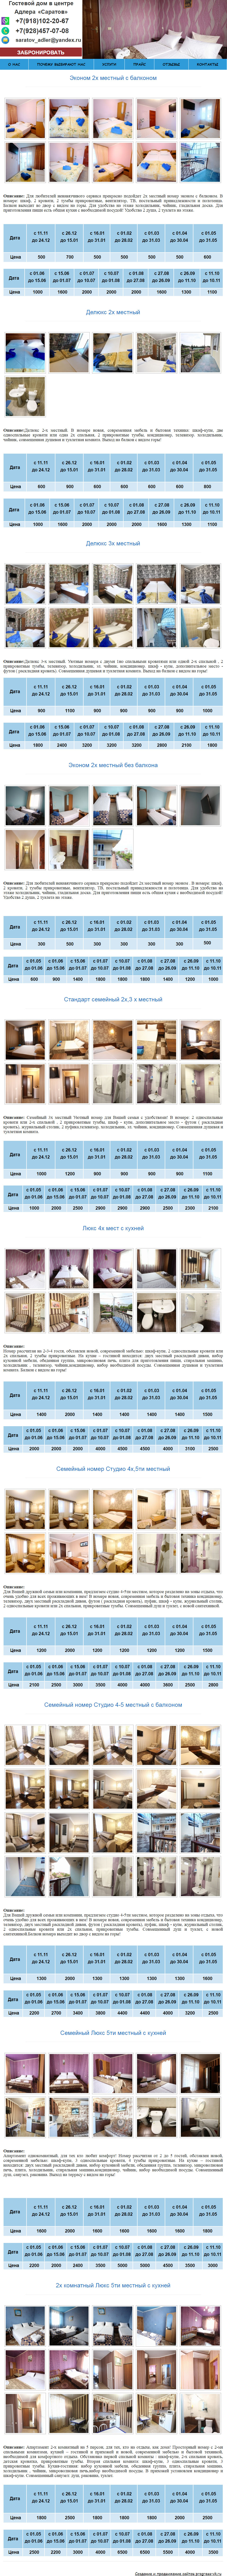 Создание сайта гостиницы